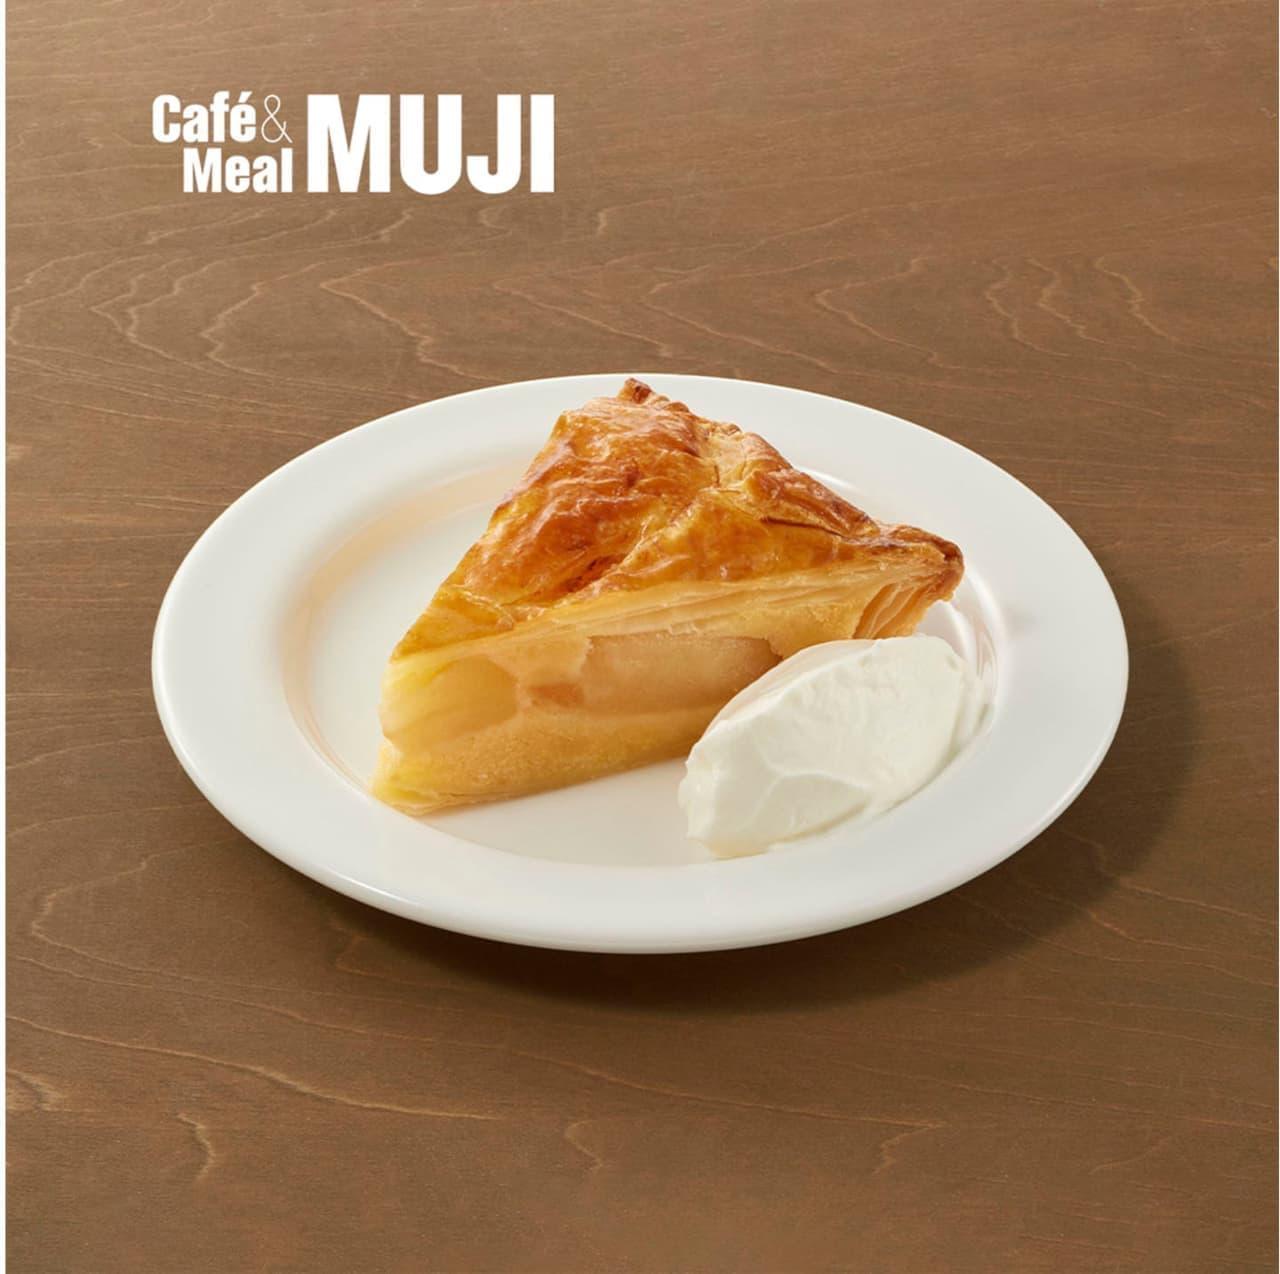 無印良品のカフェに「アップルパイ」季節限定で